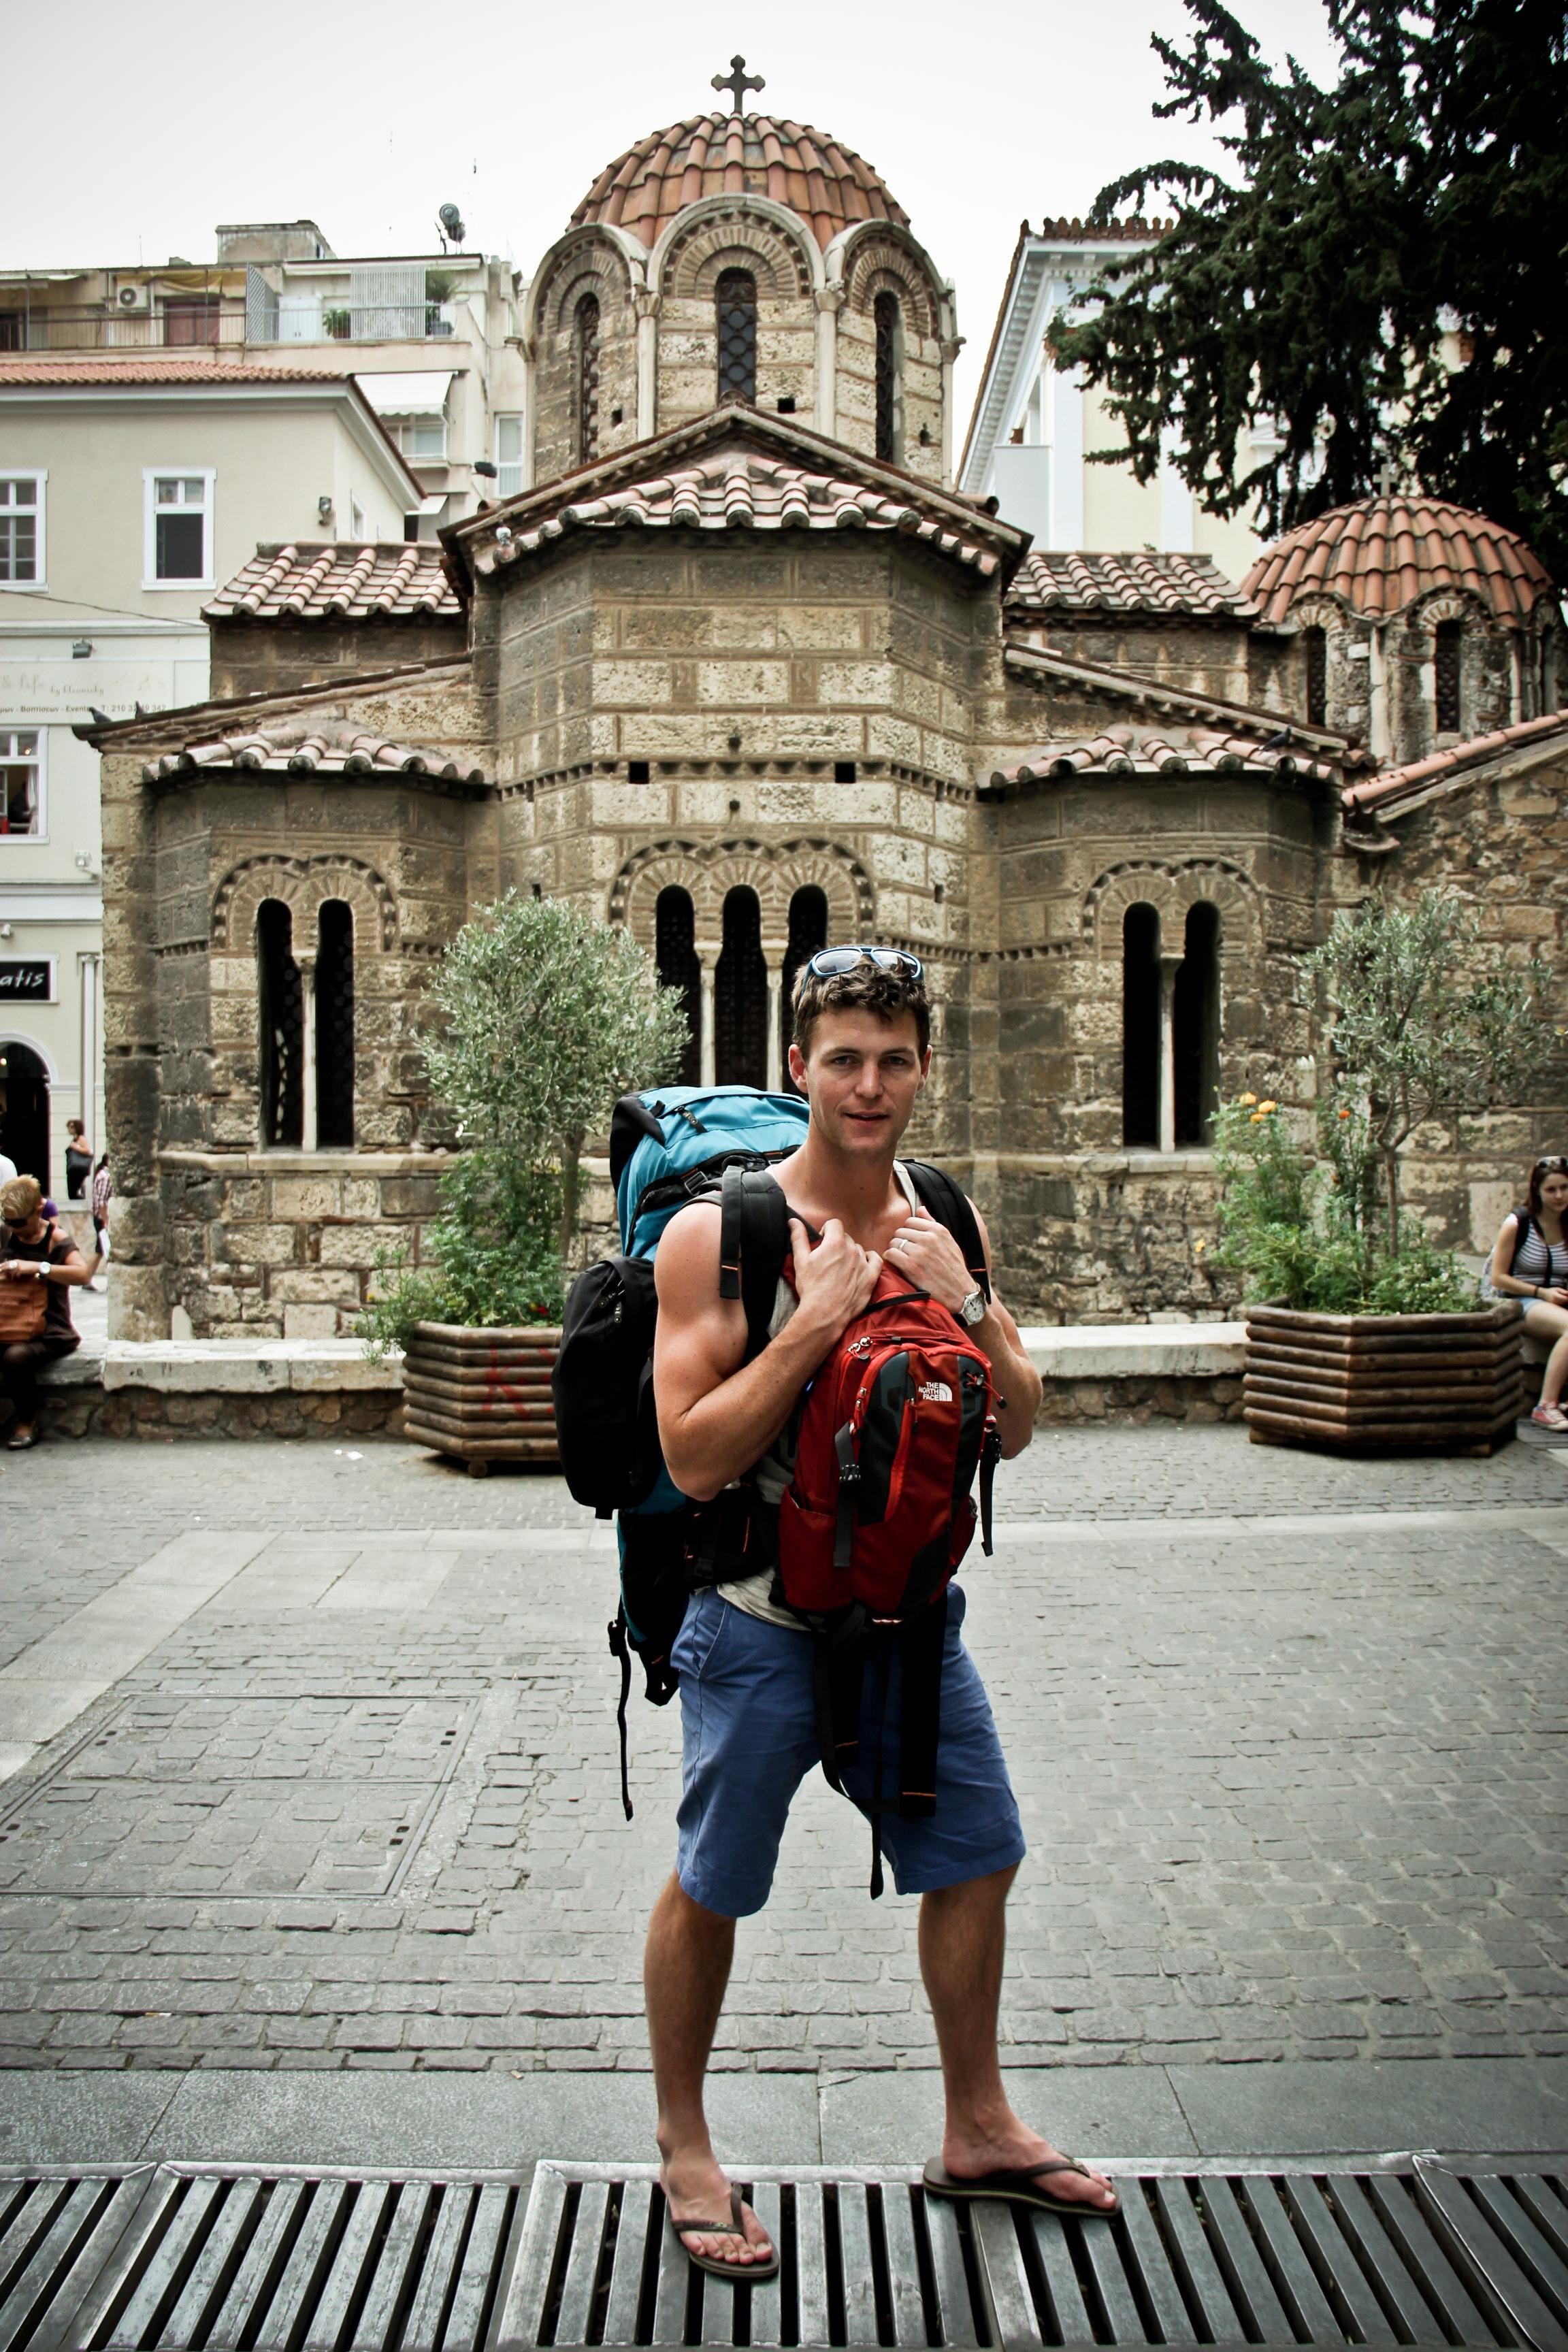 GreeceHoneymoonCitygirlSearching (437 of 439).jpg